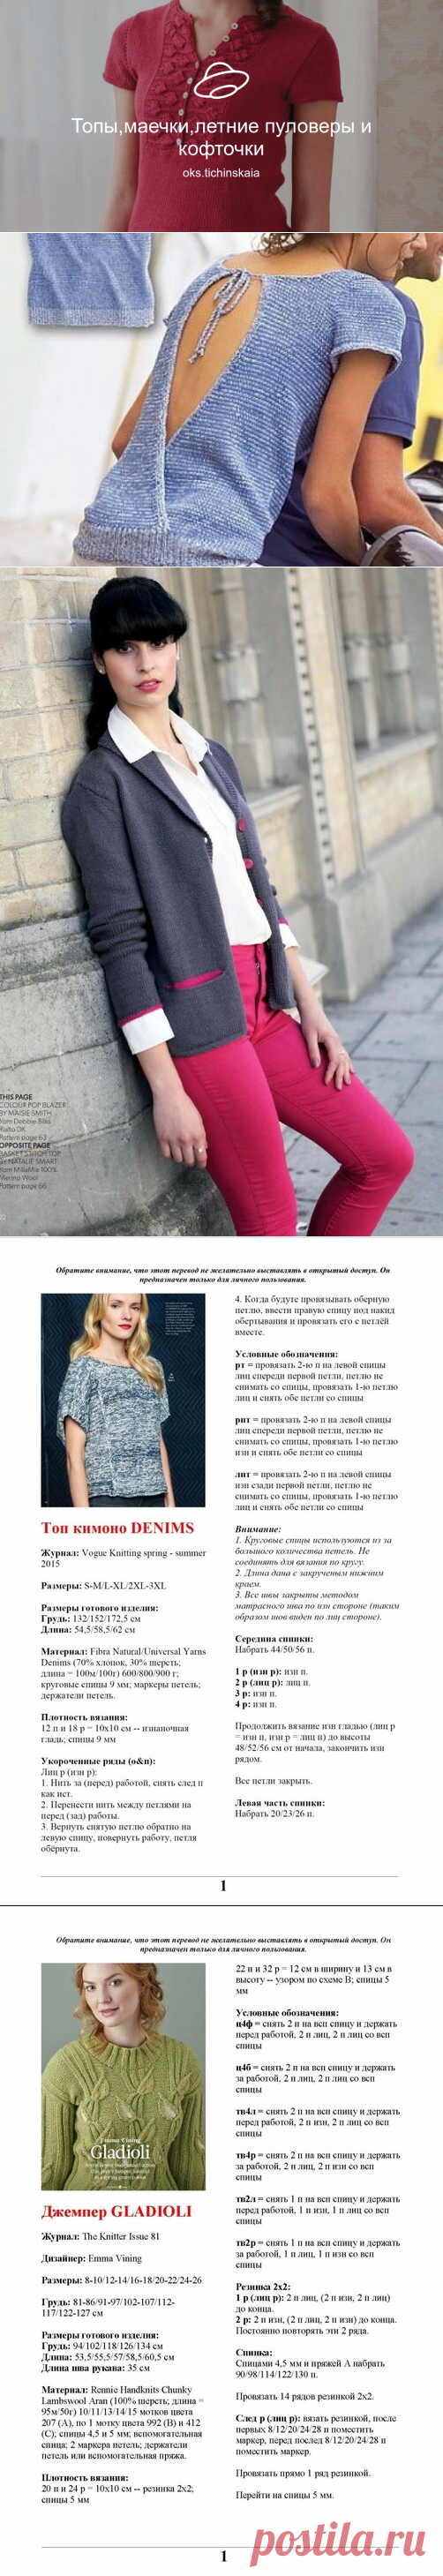 Топы,маечки,летние пуловеры и кофточки — Яндекс.Диск